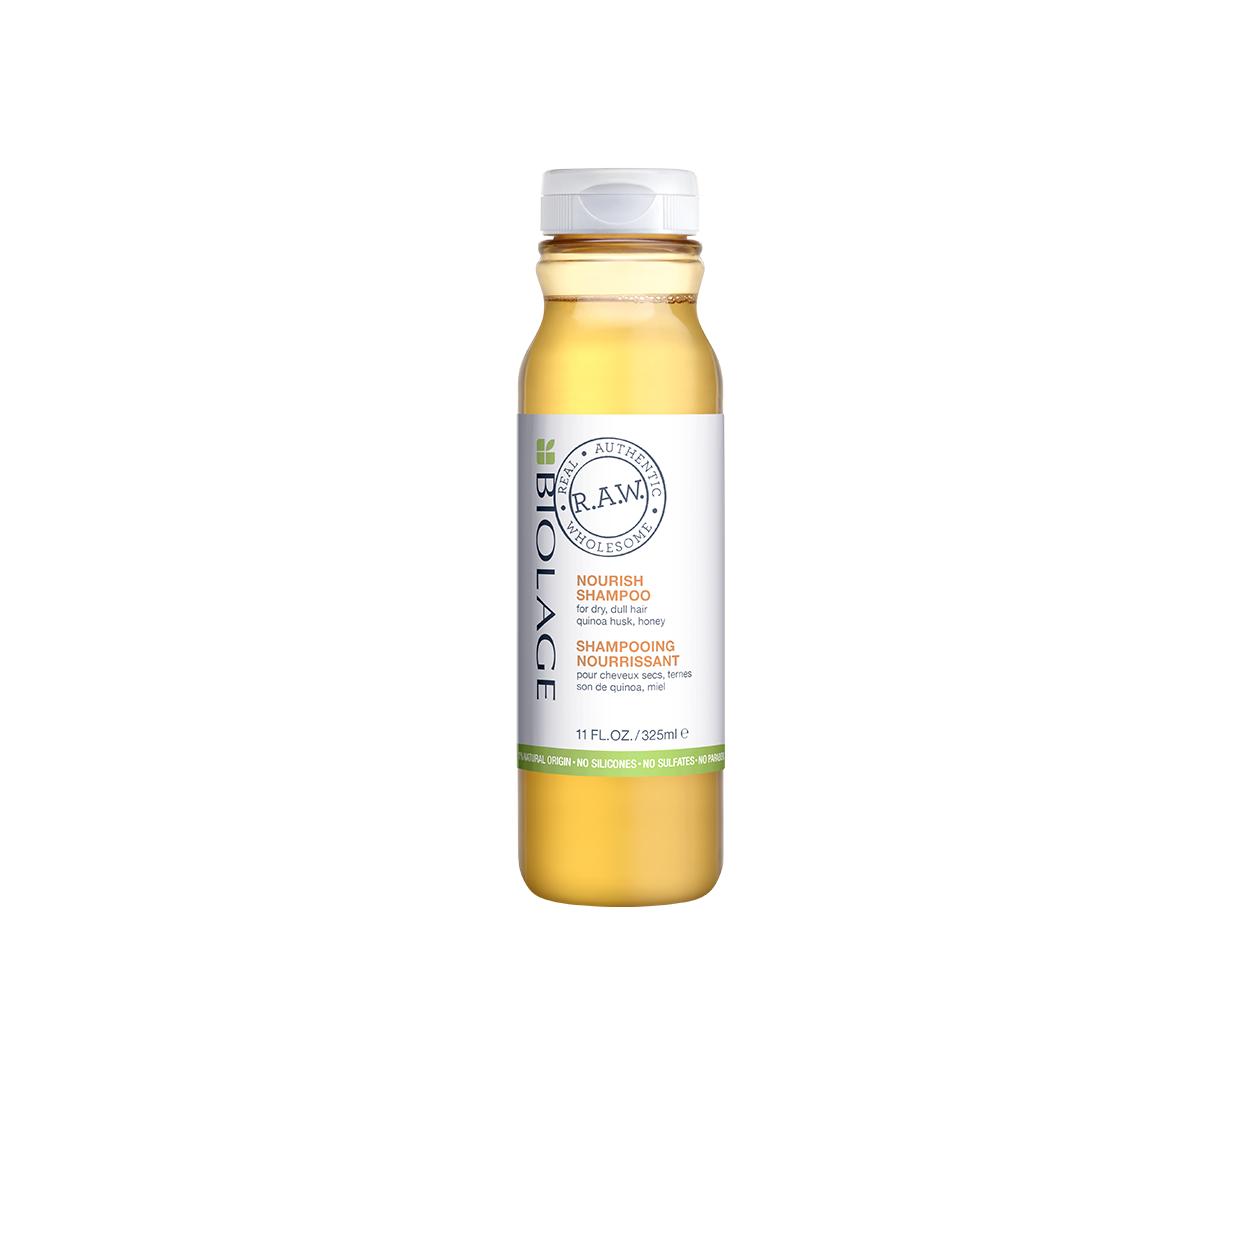 Biolage RAW Nourish Dry Hair Shampoo Natural Shampoo for Dry Hair